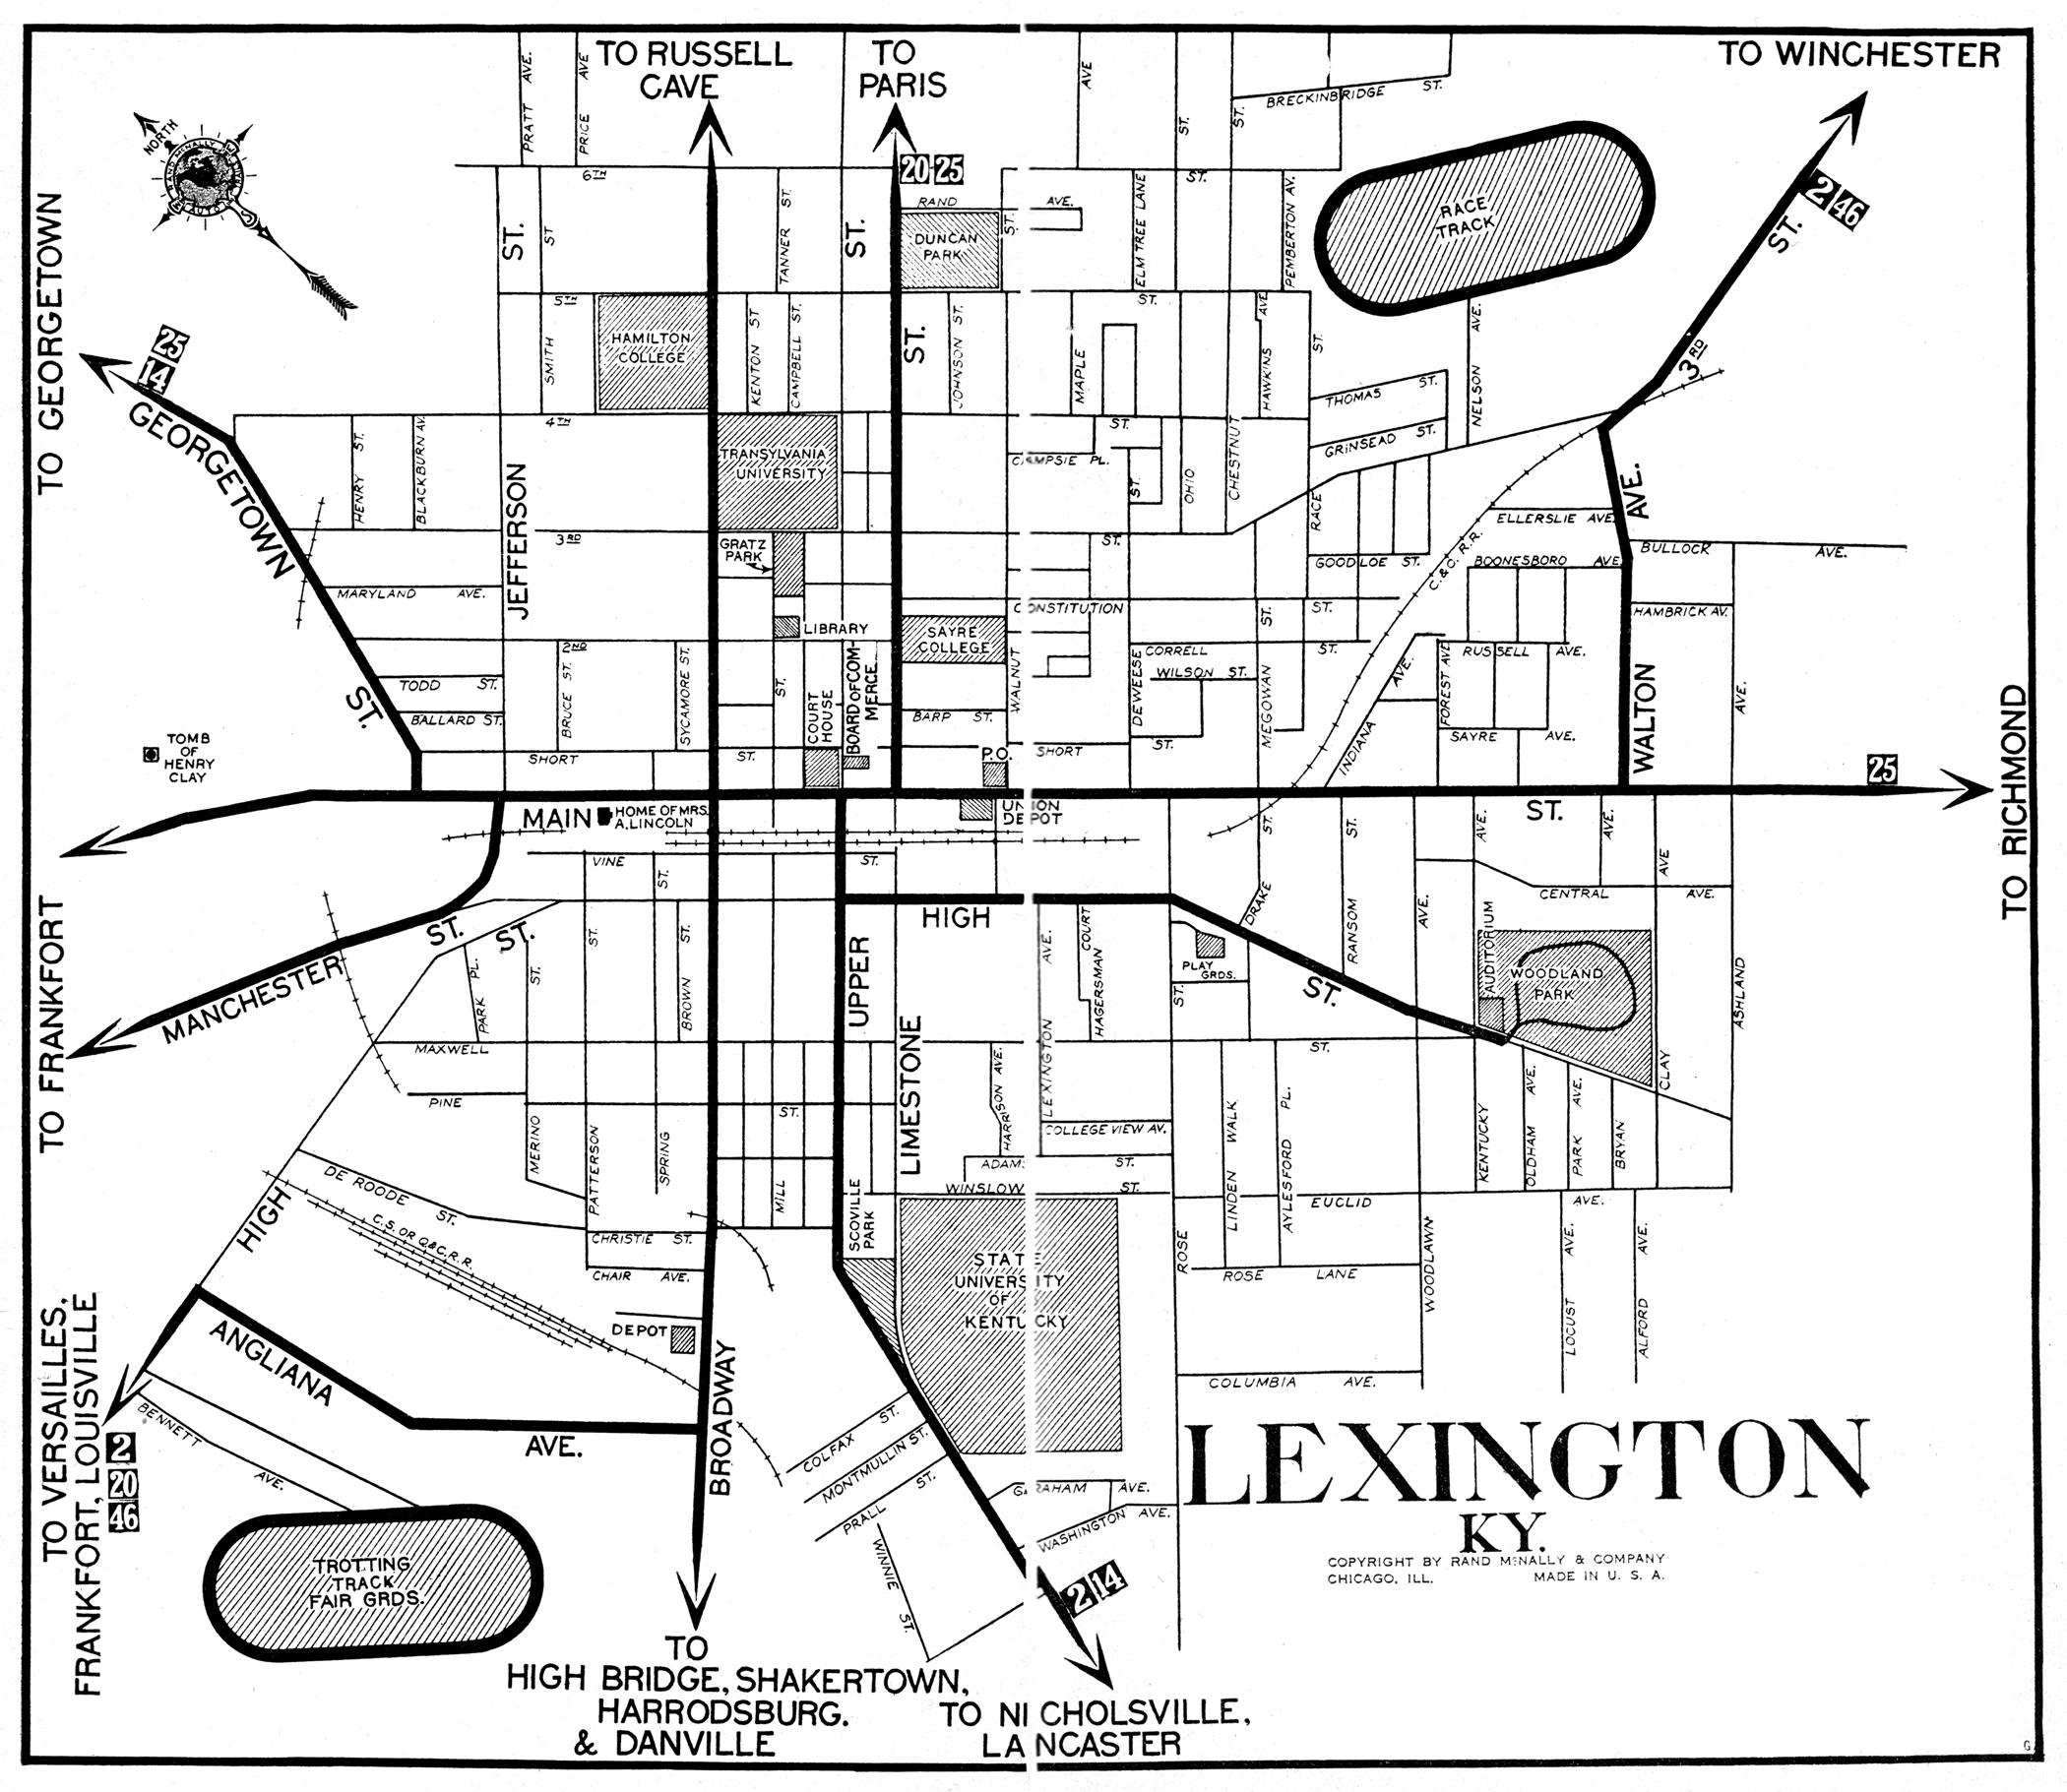 Kentucky City Maps At AmericanRoadscom - Ky maps